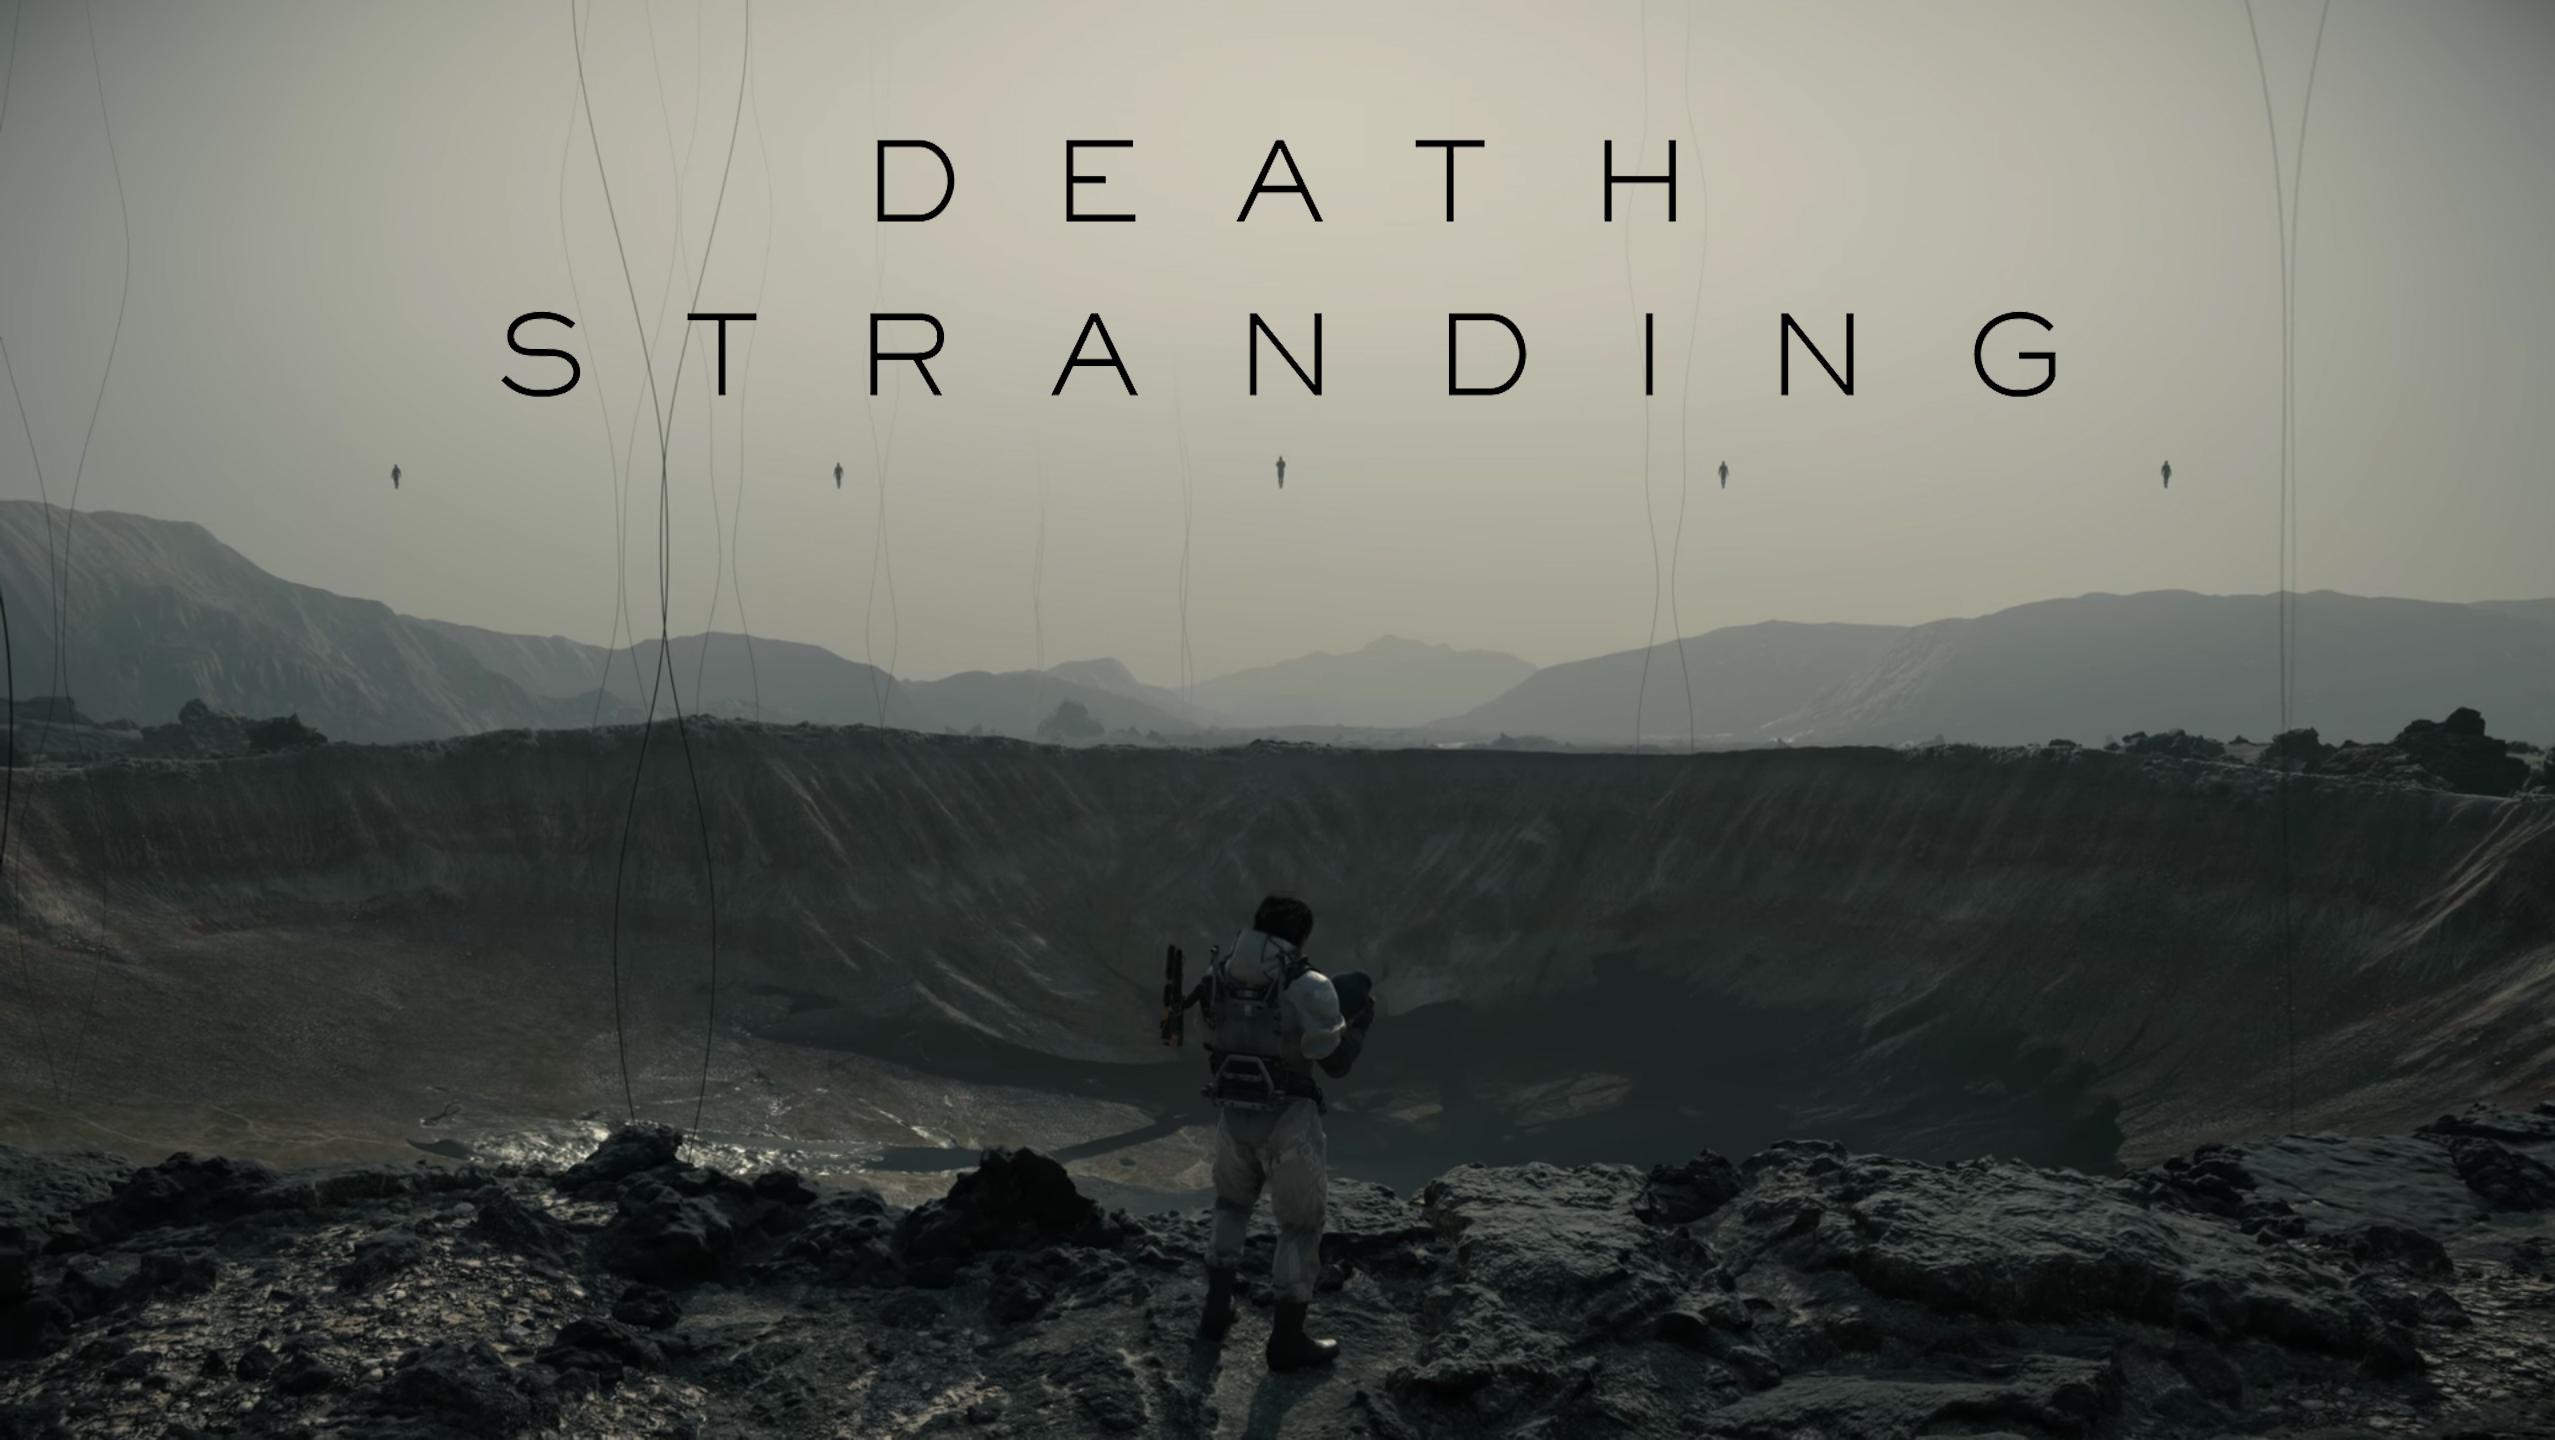 """Résultat de recherche d'images pour """"Death stranding"""""""